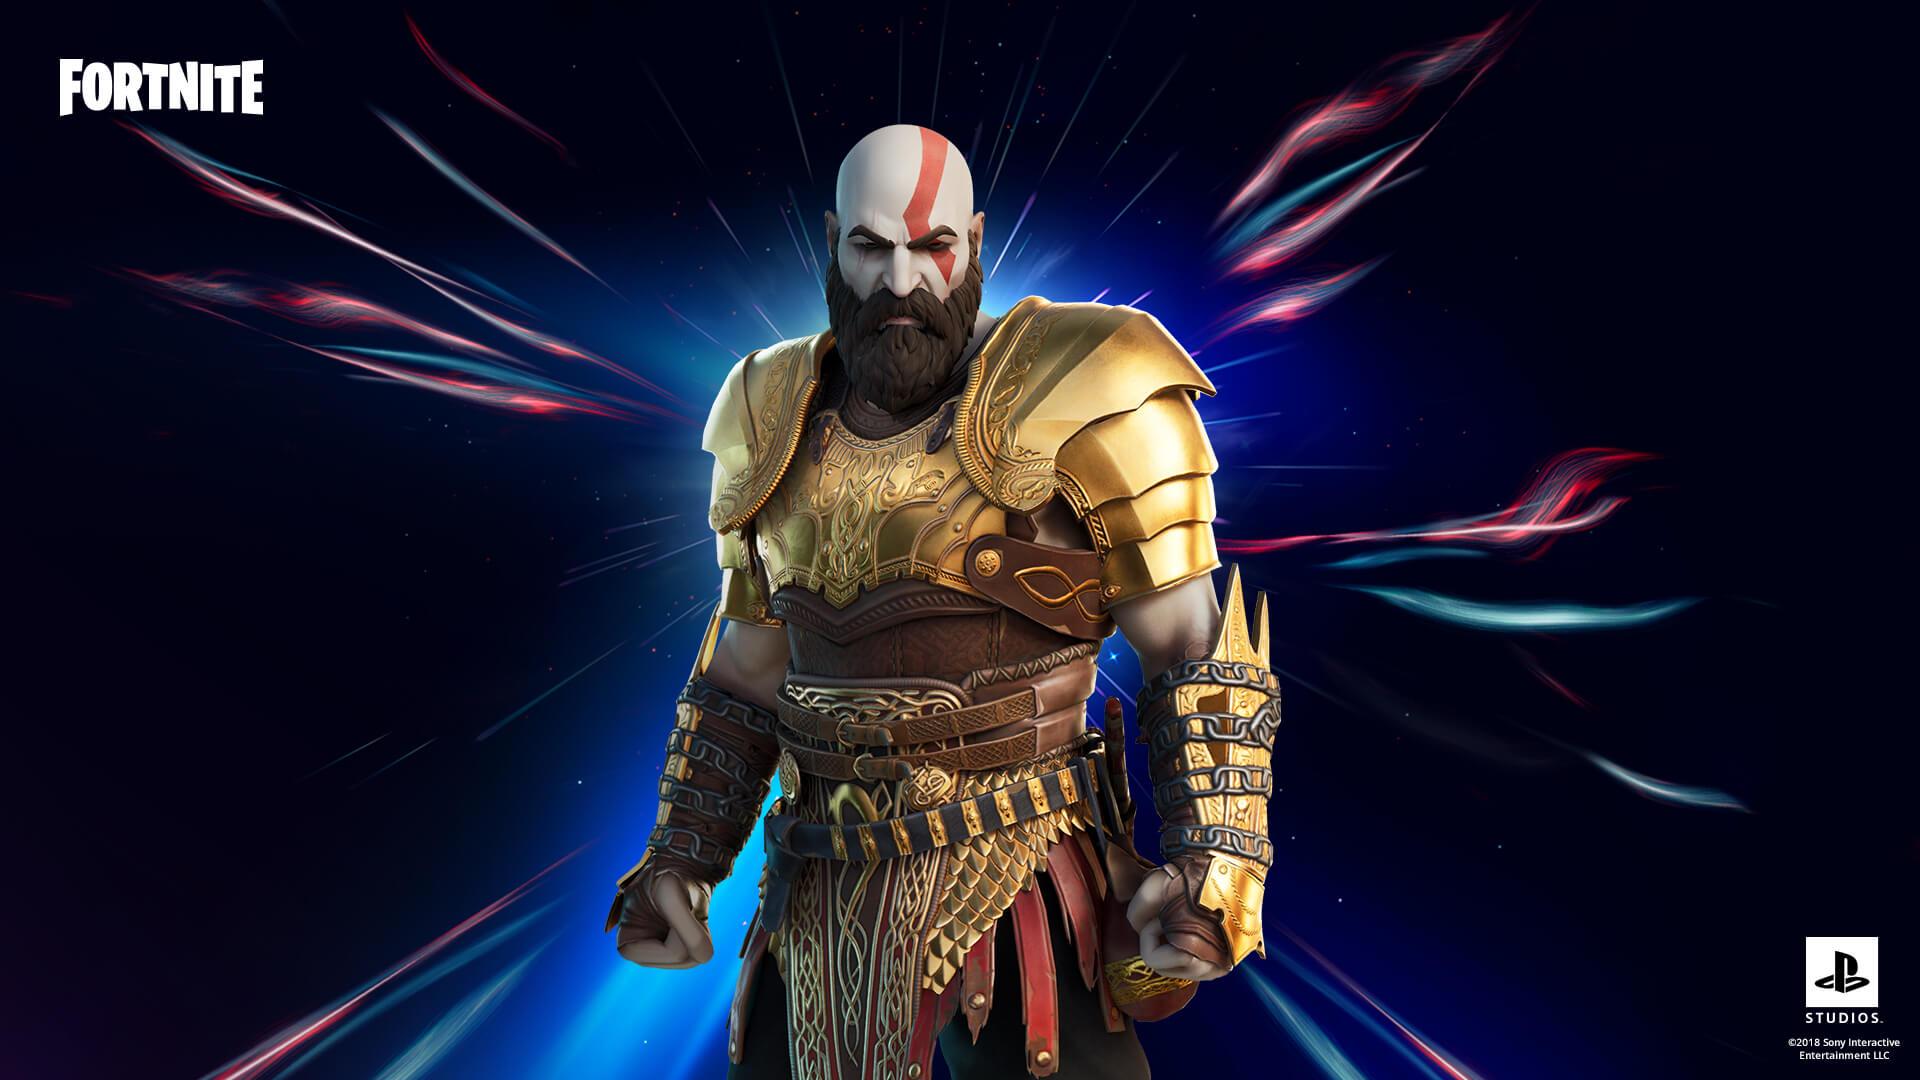 《战神》《堡垒之夜》确认联动 PS5平台有独占外观